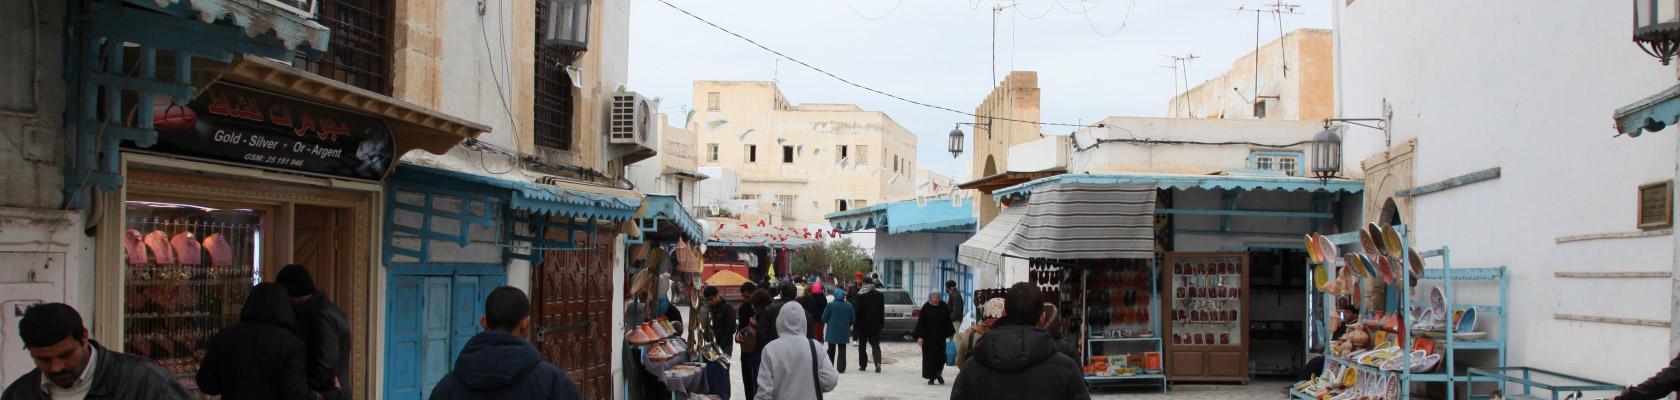 rue, ville Tunisie